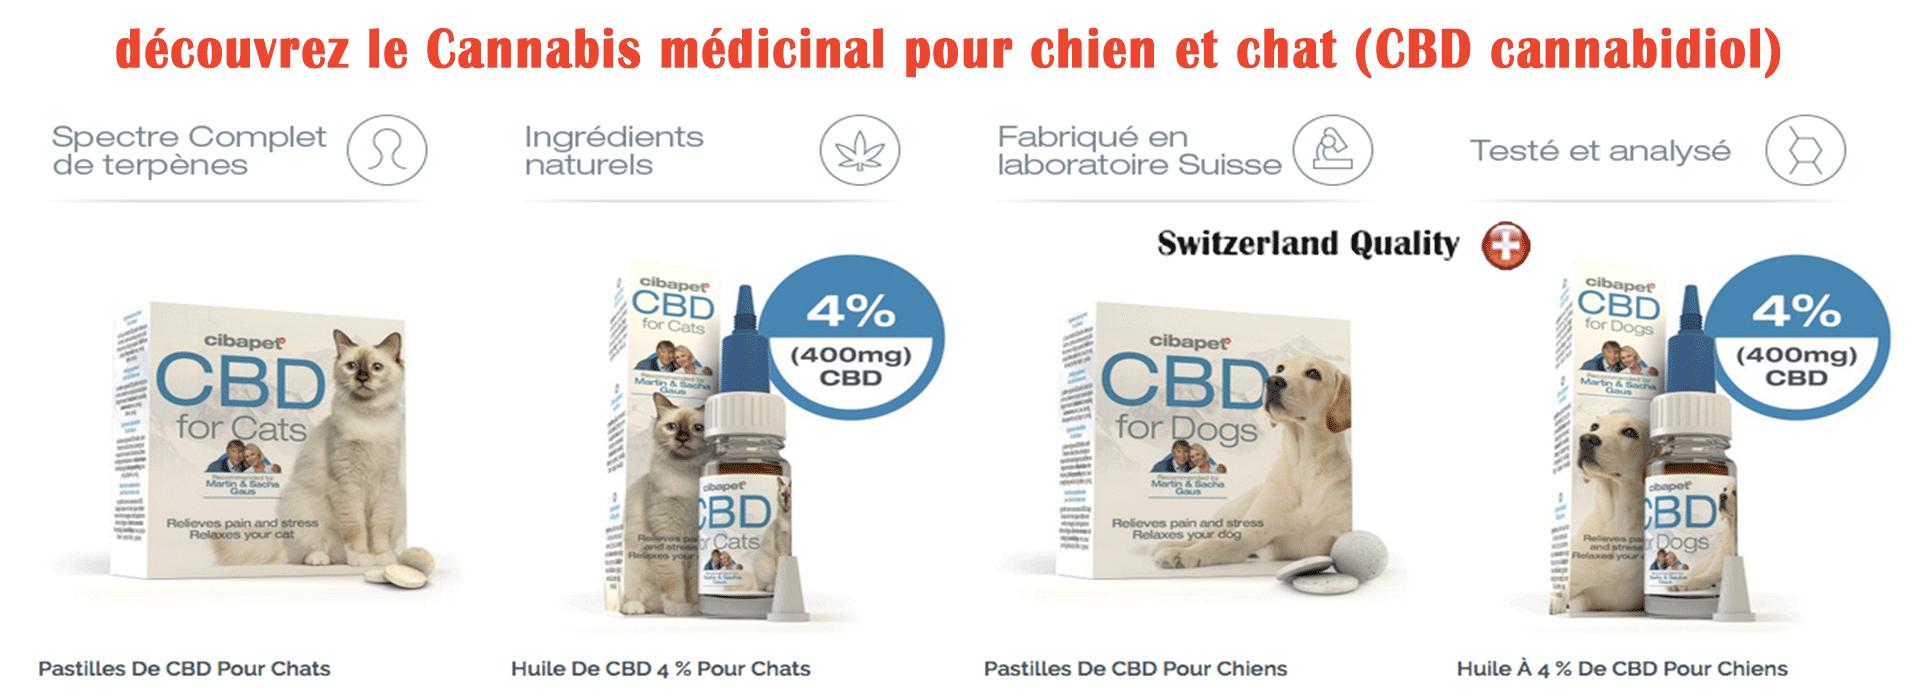 Gamme de produits CBD pour animaux de la marque CIBAPET